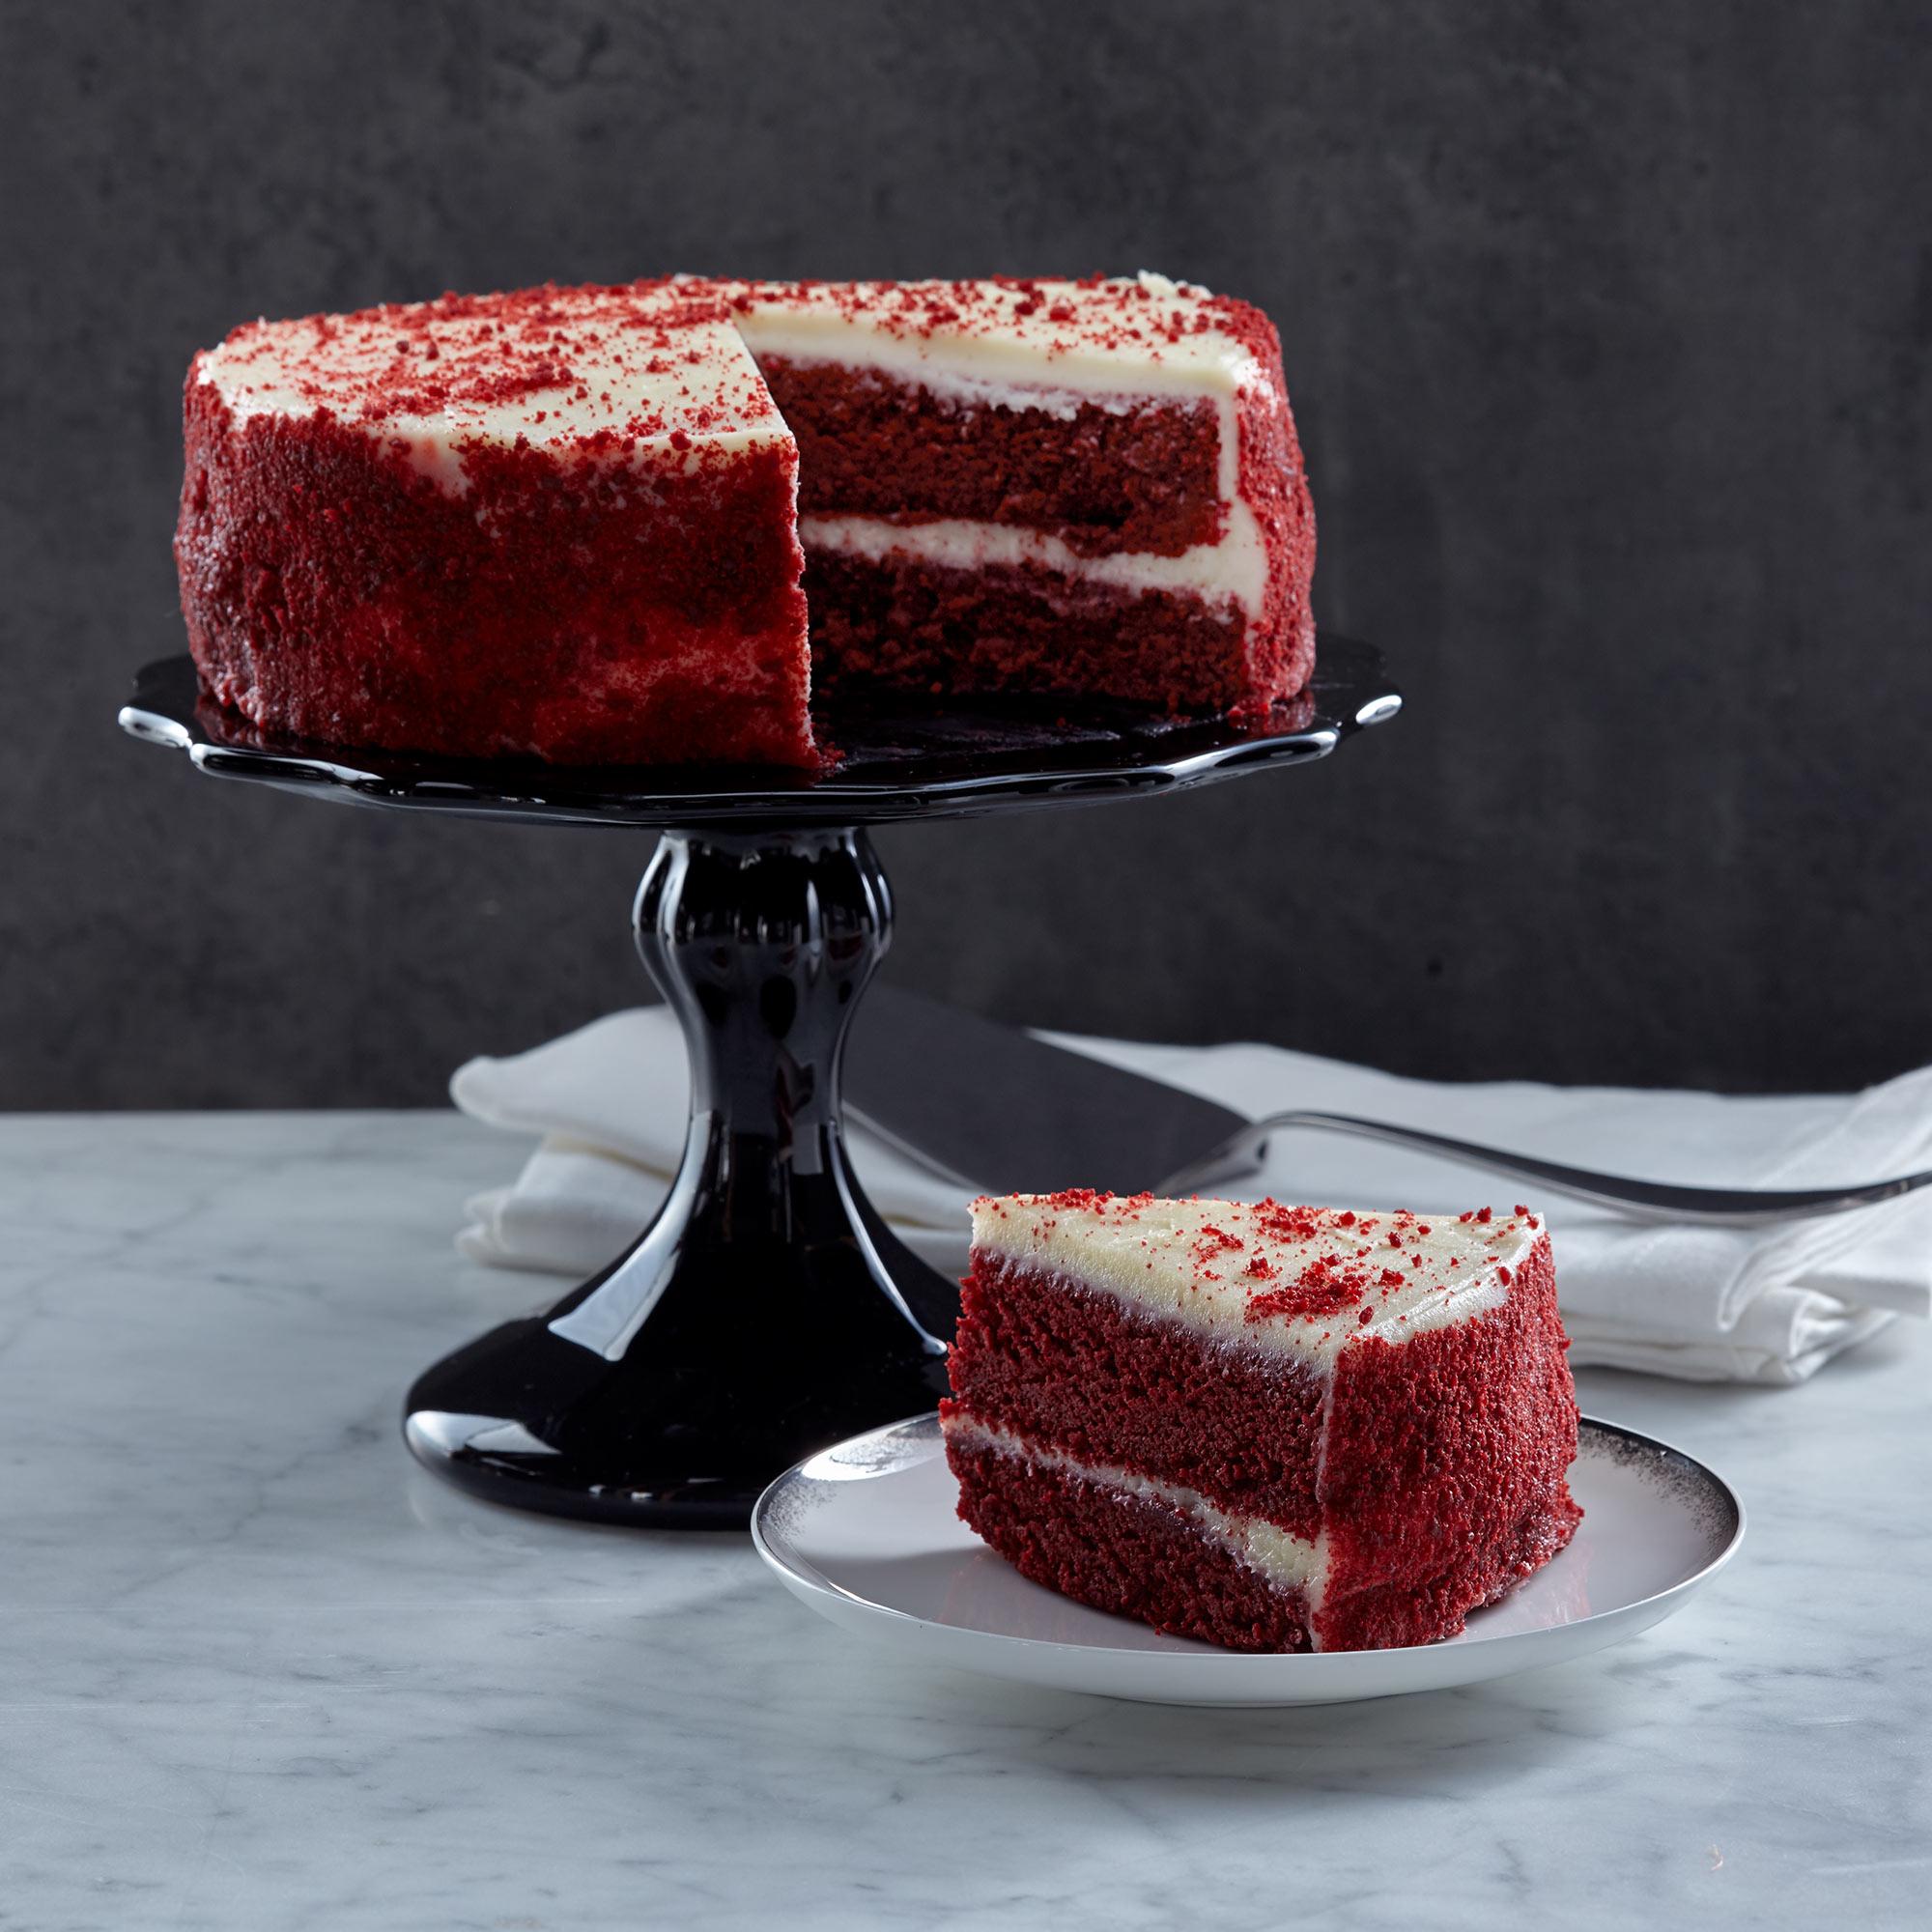 Red Velvet Cake Taste